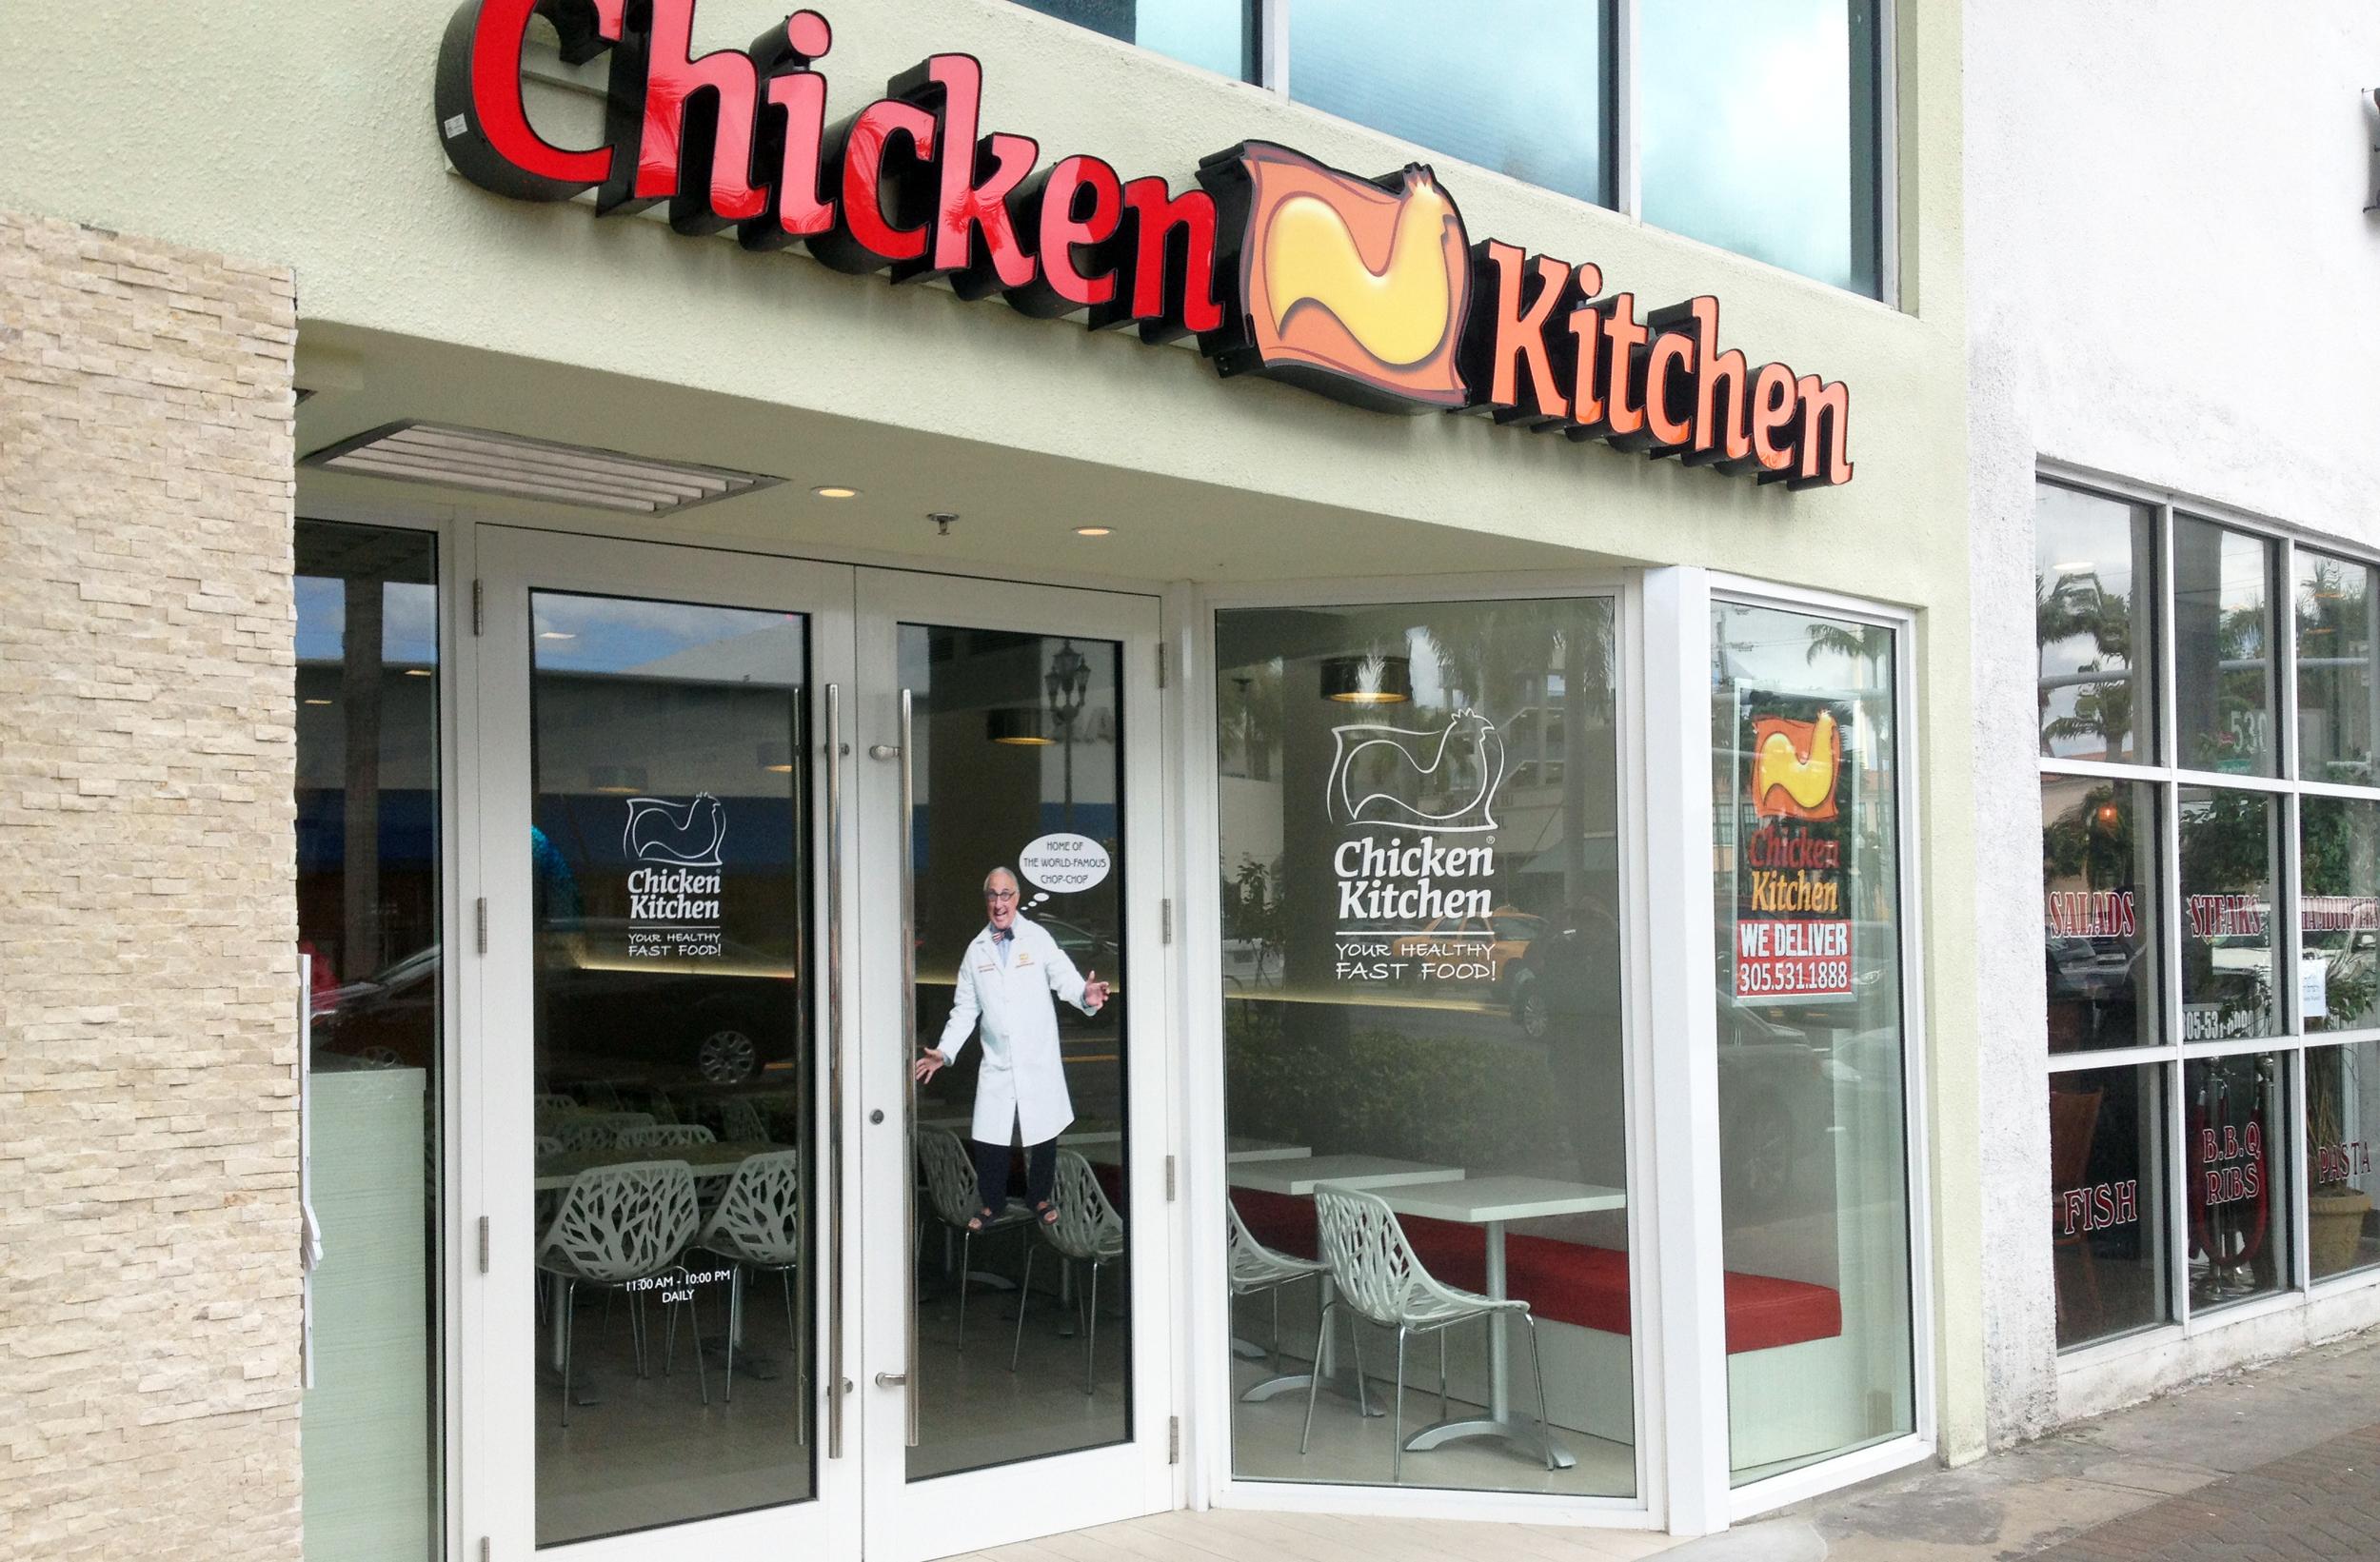 Chicken Kitchen Dress Code